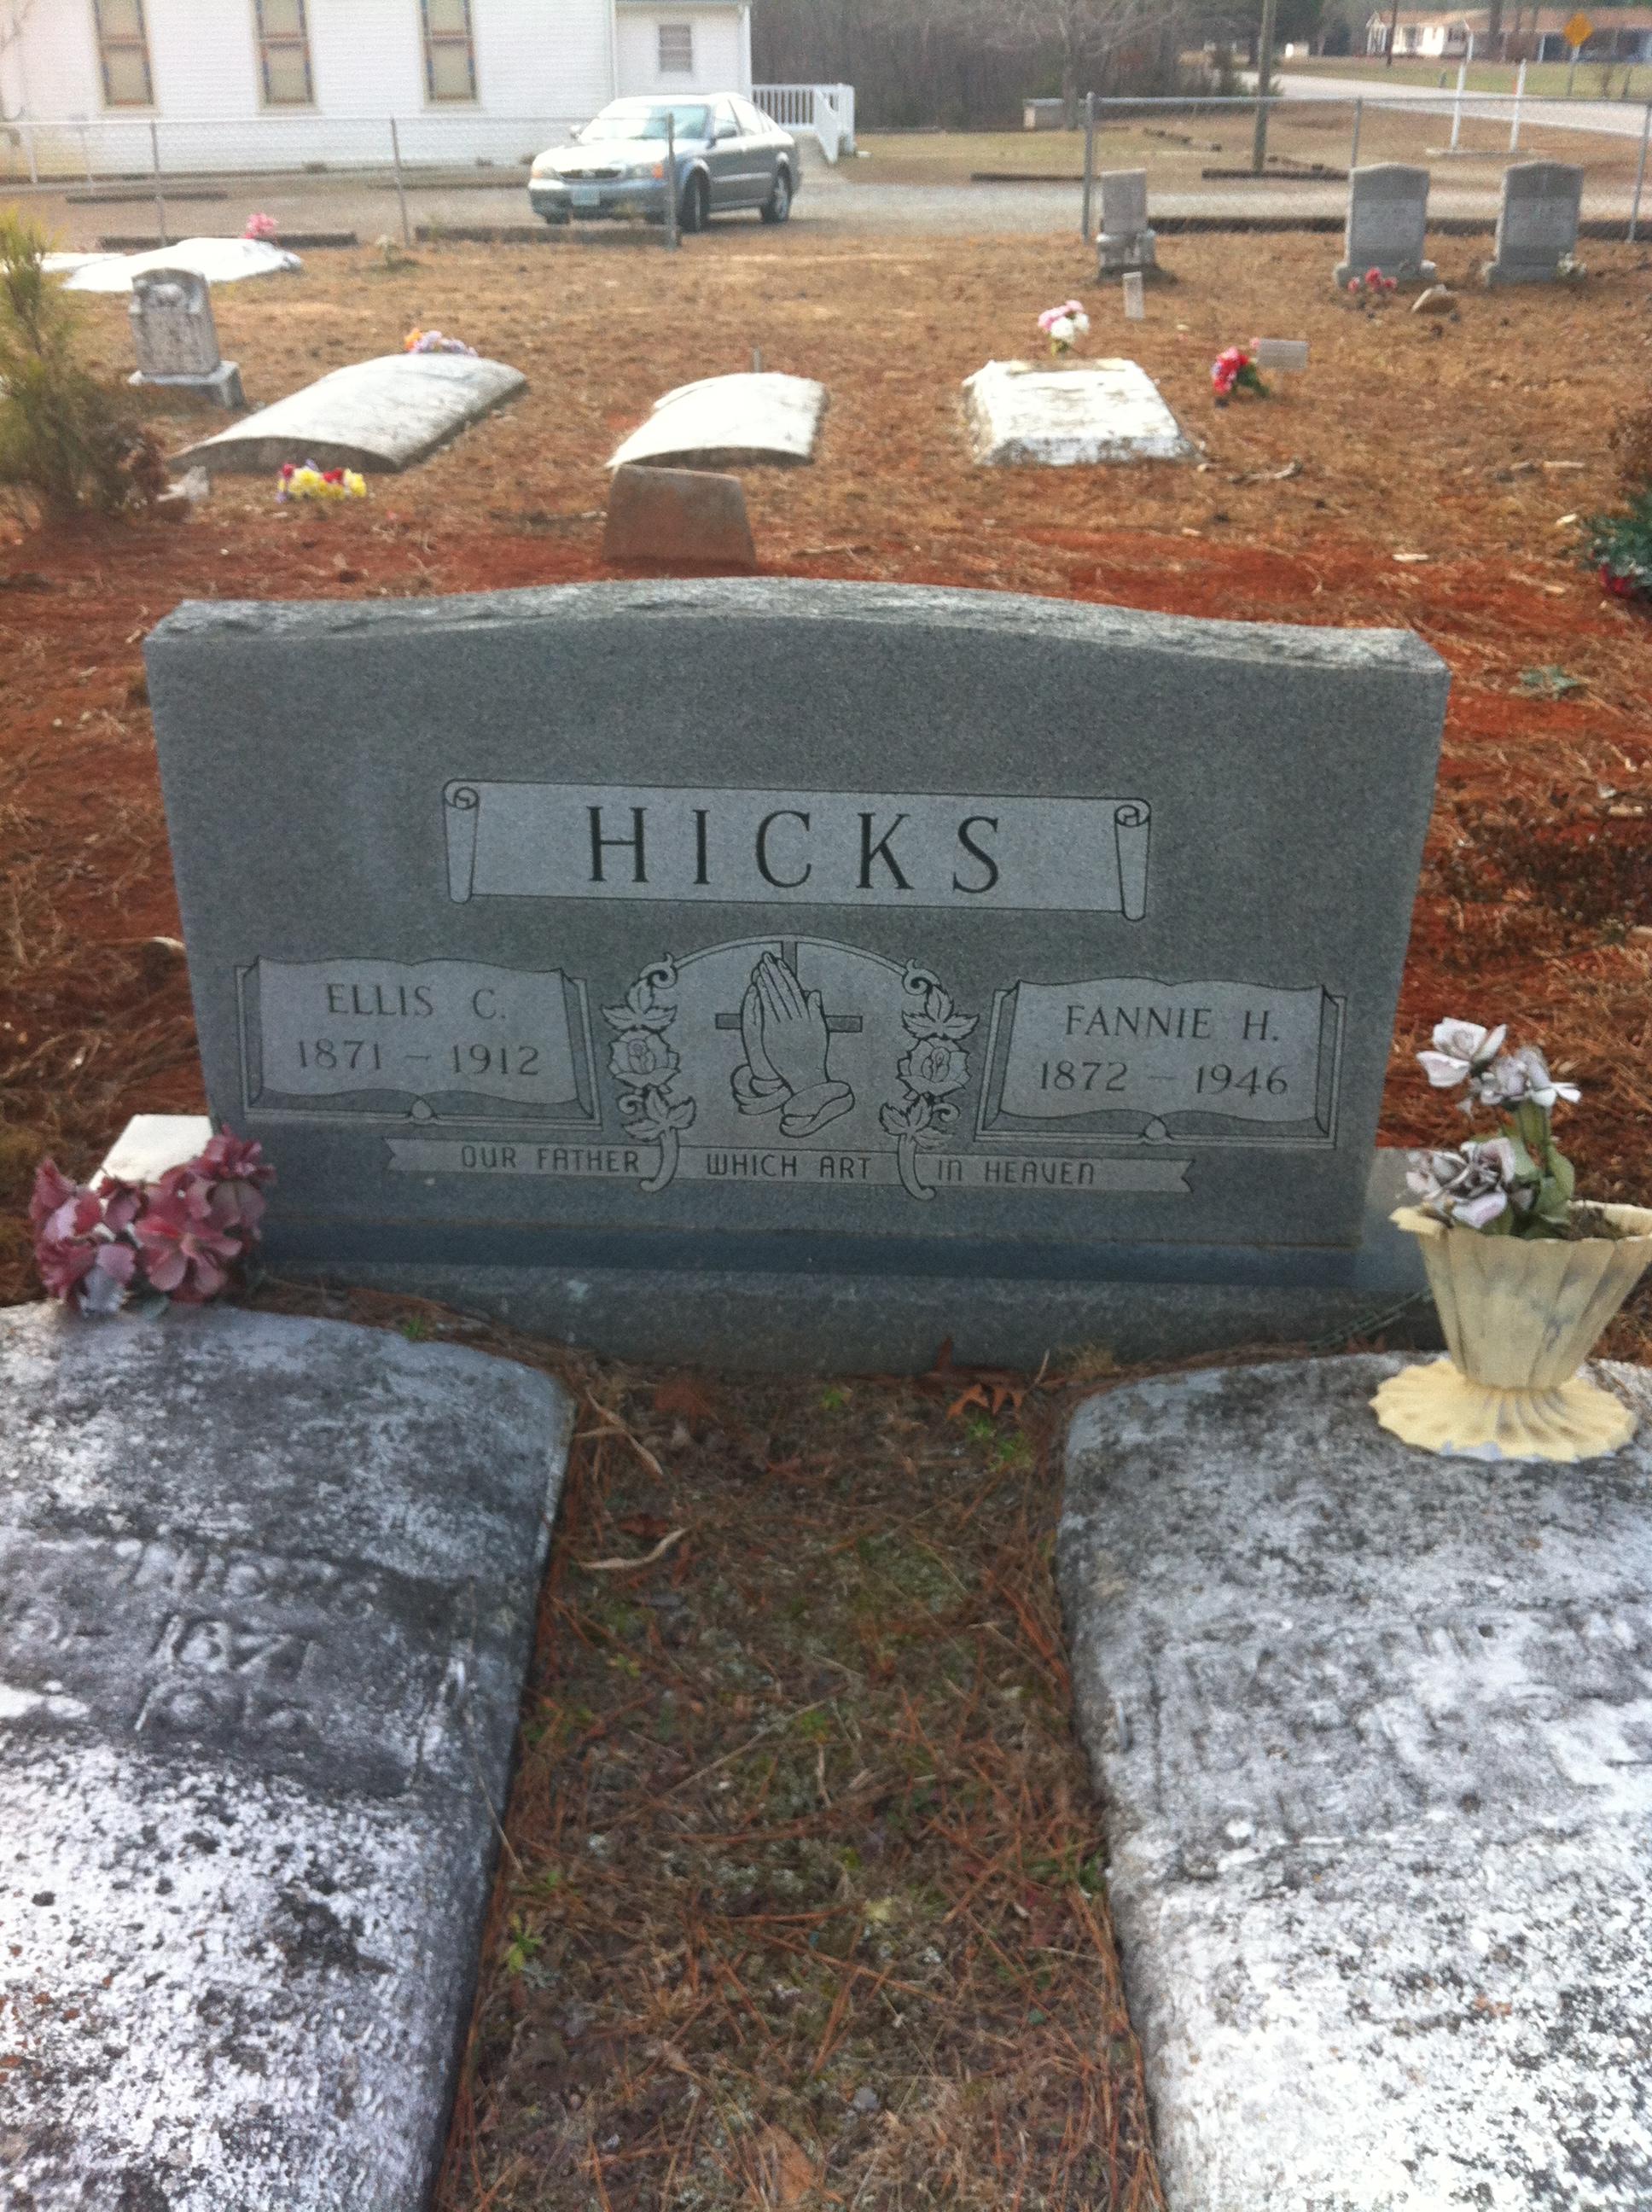 Ellis C Hicks